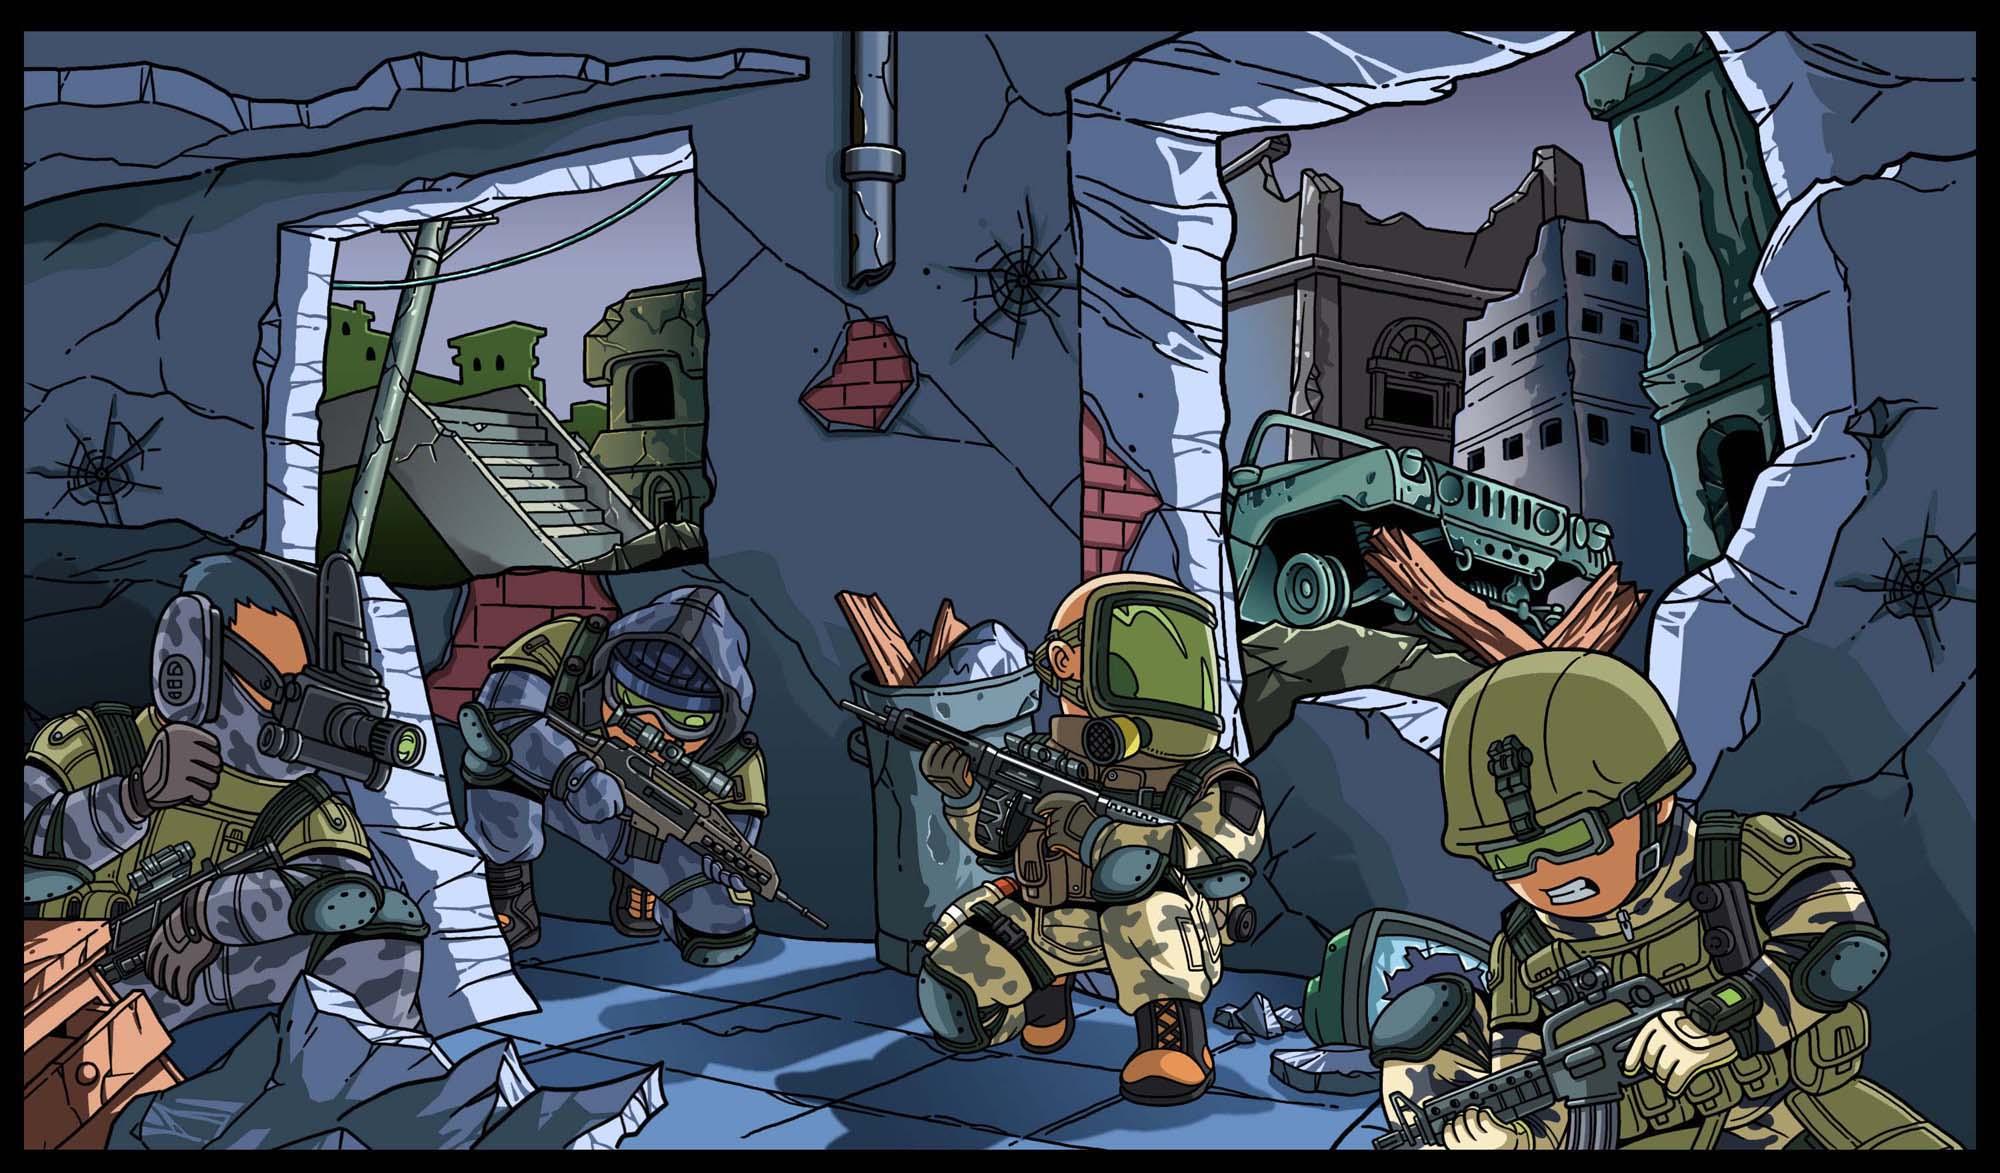 《战争前线》攻略v战争15日结束插画将揭晓-前临沂到青岛自驾游冠军图片